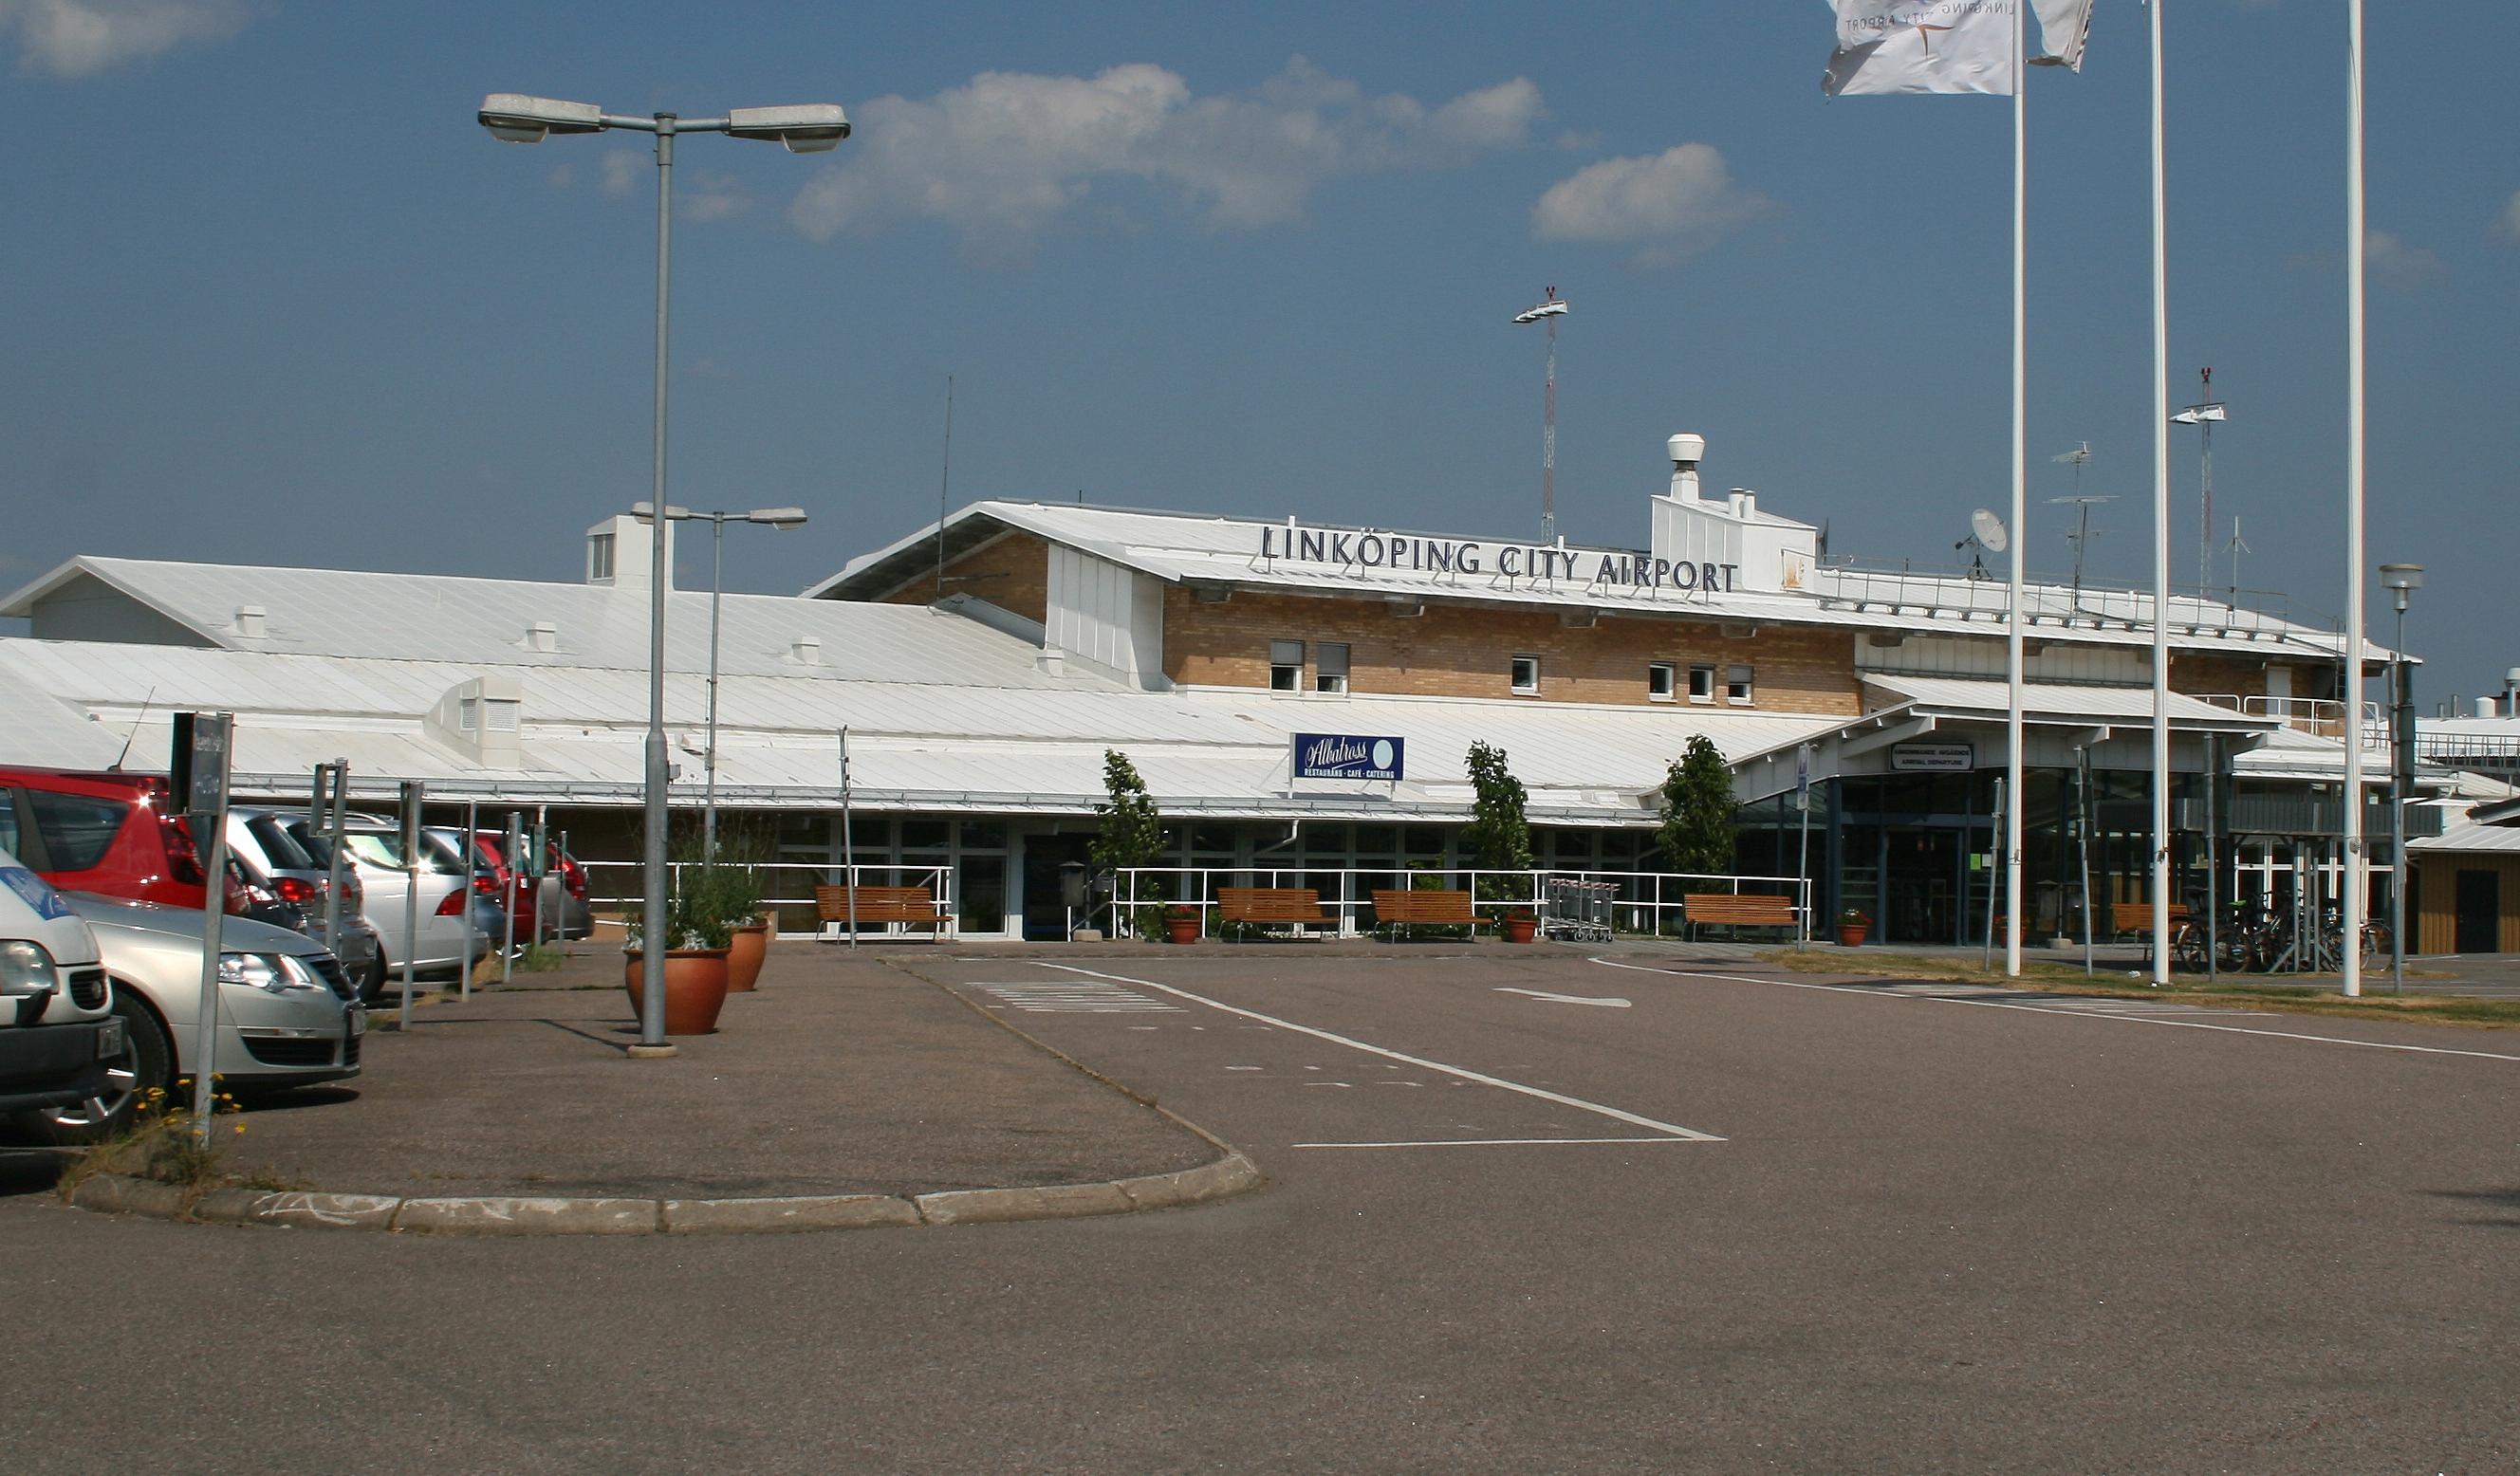 Bildresultat för linköping city airport